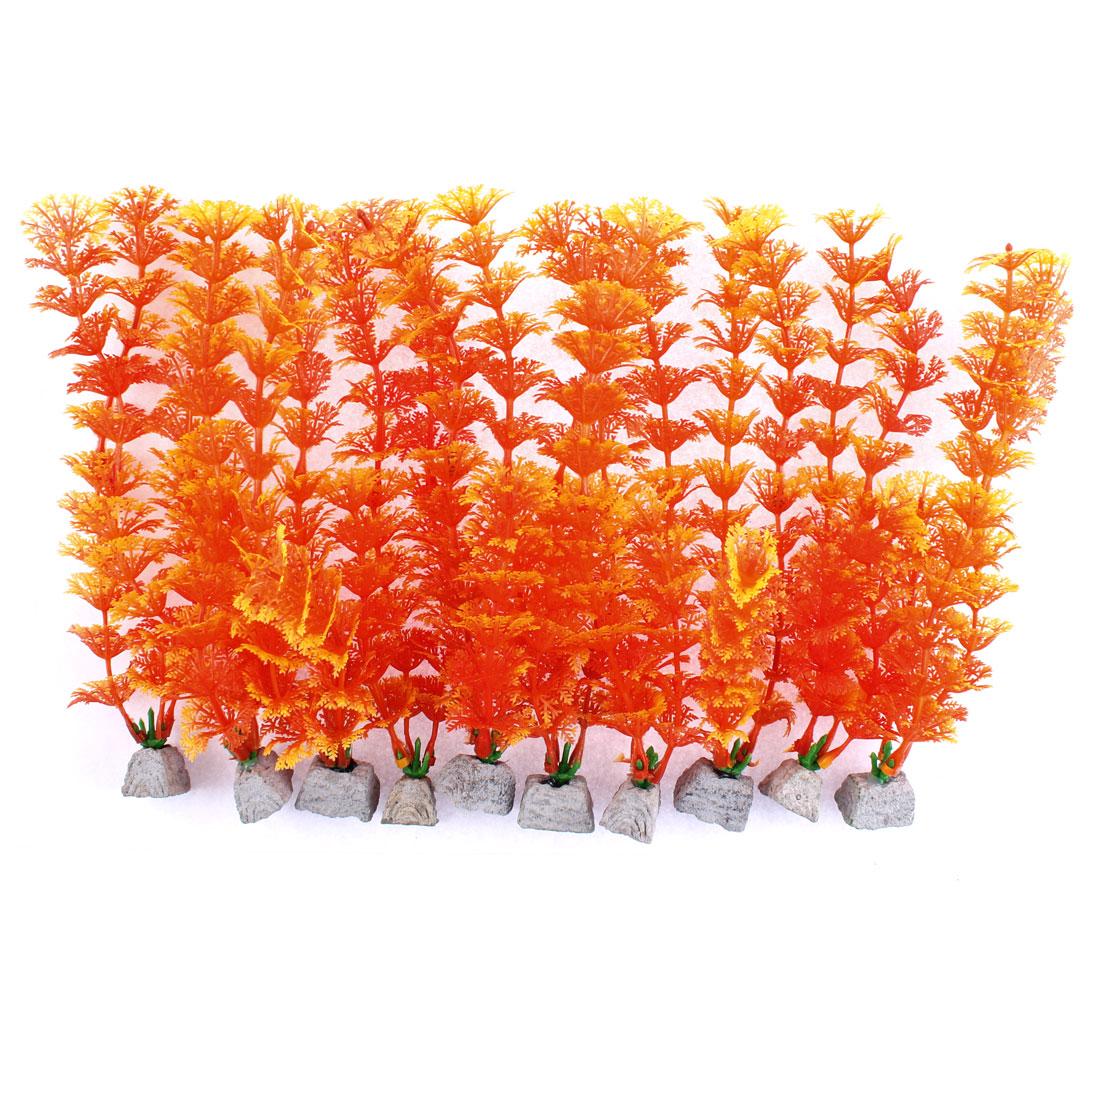 Aquarium Plastic Emulational Water Plant Grass Landscaping Orange 10 pcs